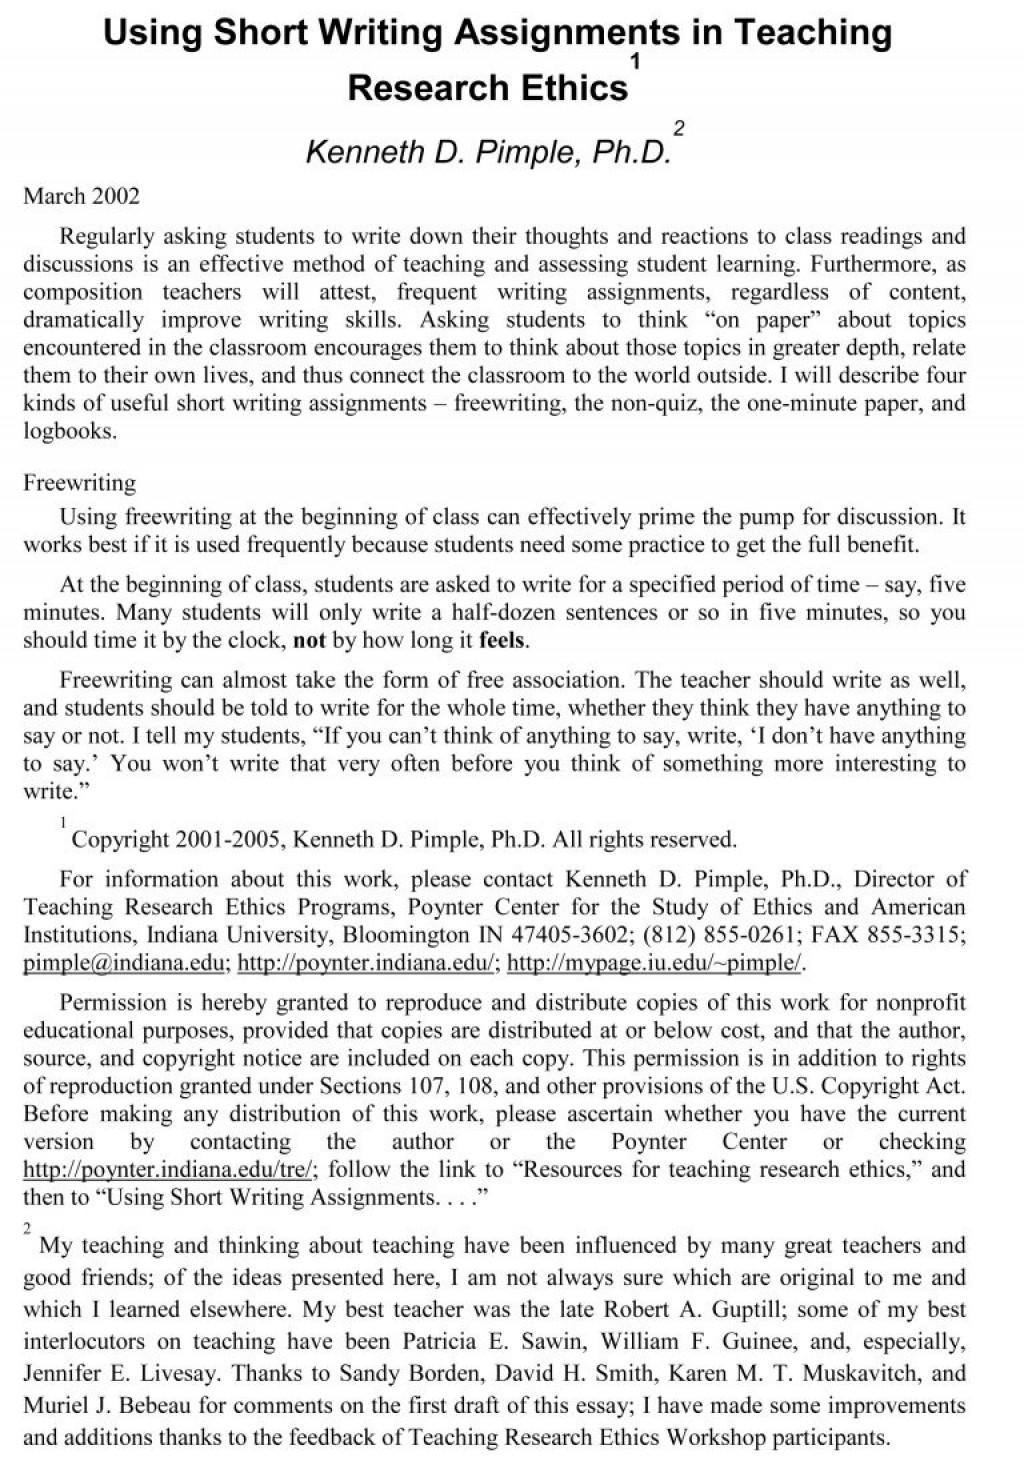 006 Fresh Essays Essay Example Wondrous Contact Uk Large